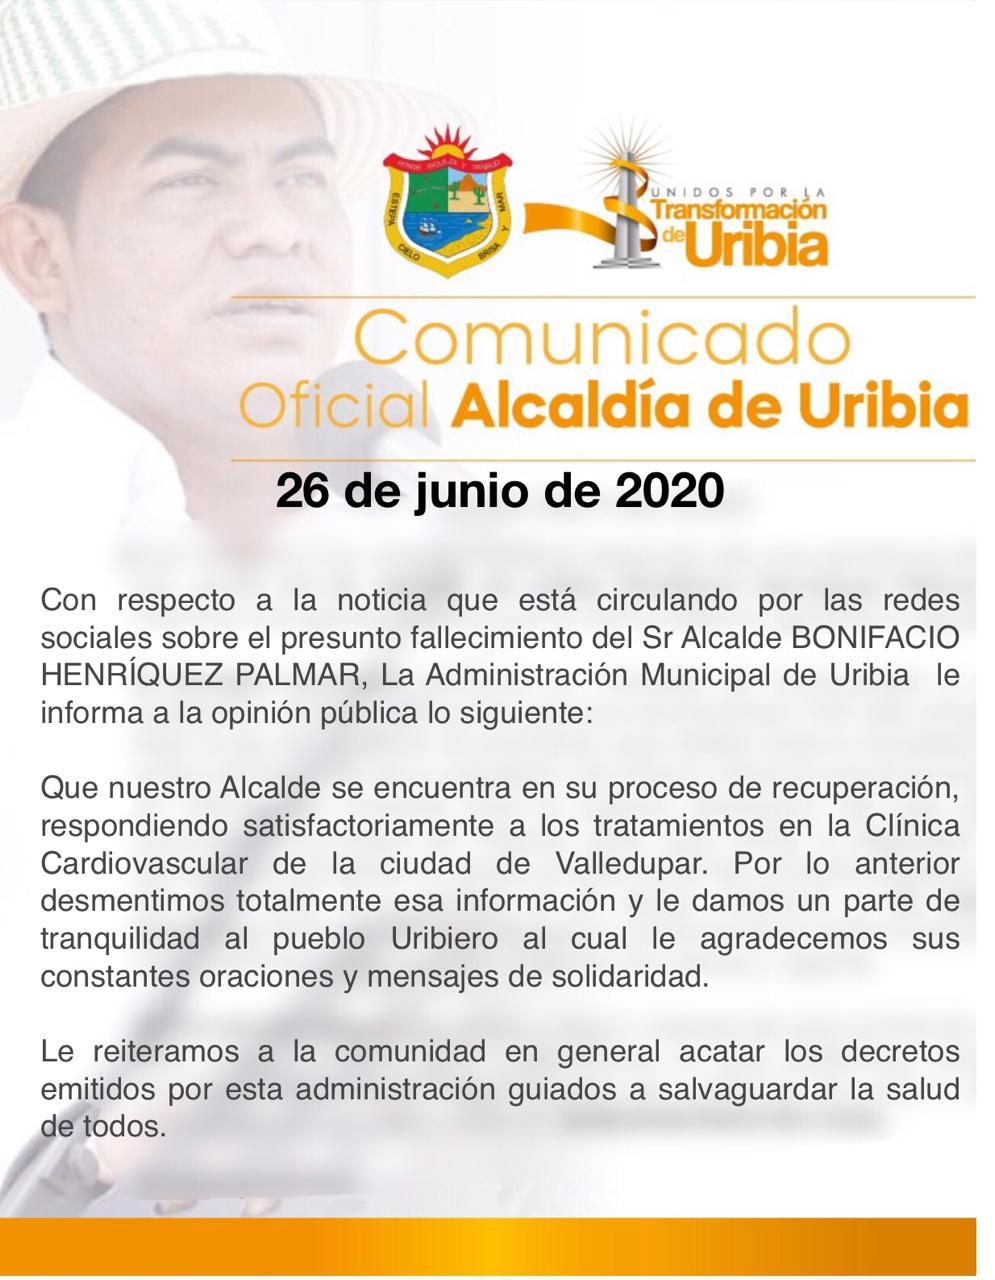 Desmienten fallecimiento del alcalde de Uribia, Bonifacio Henríquez